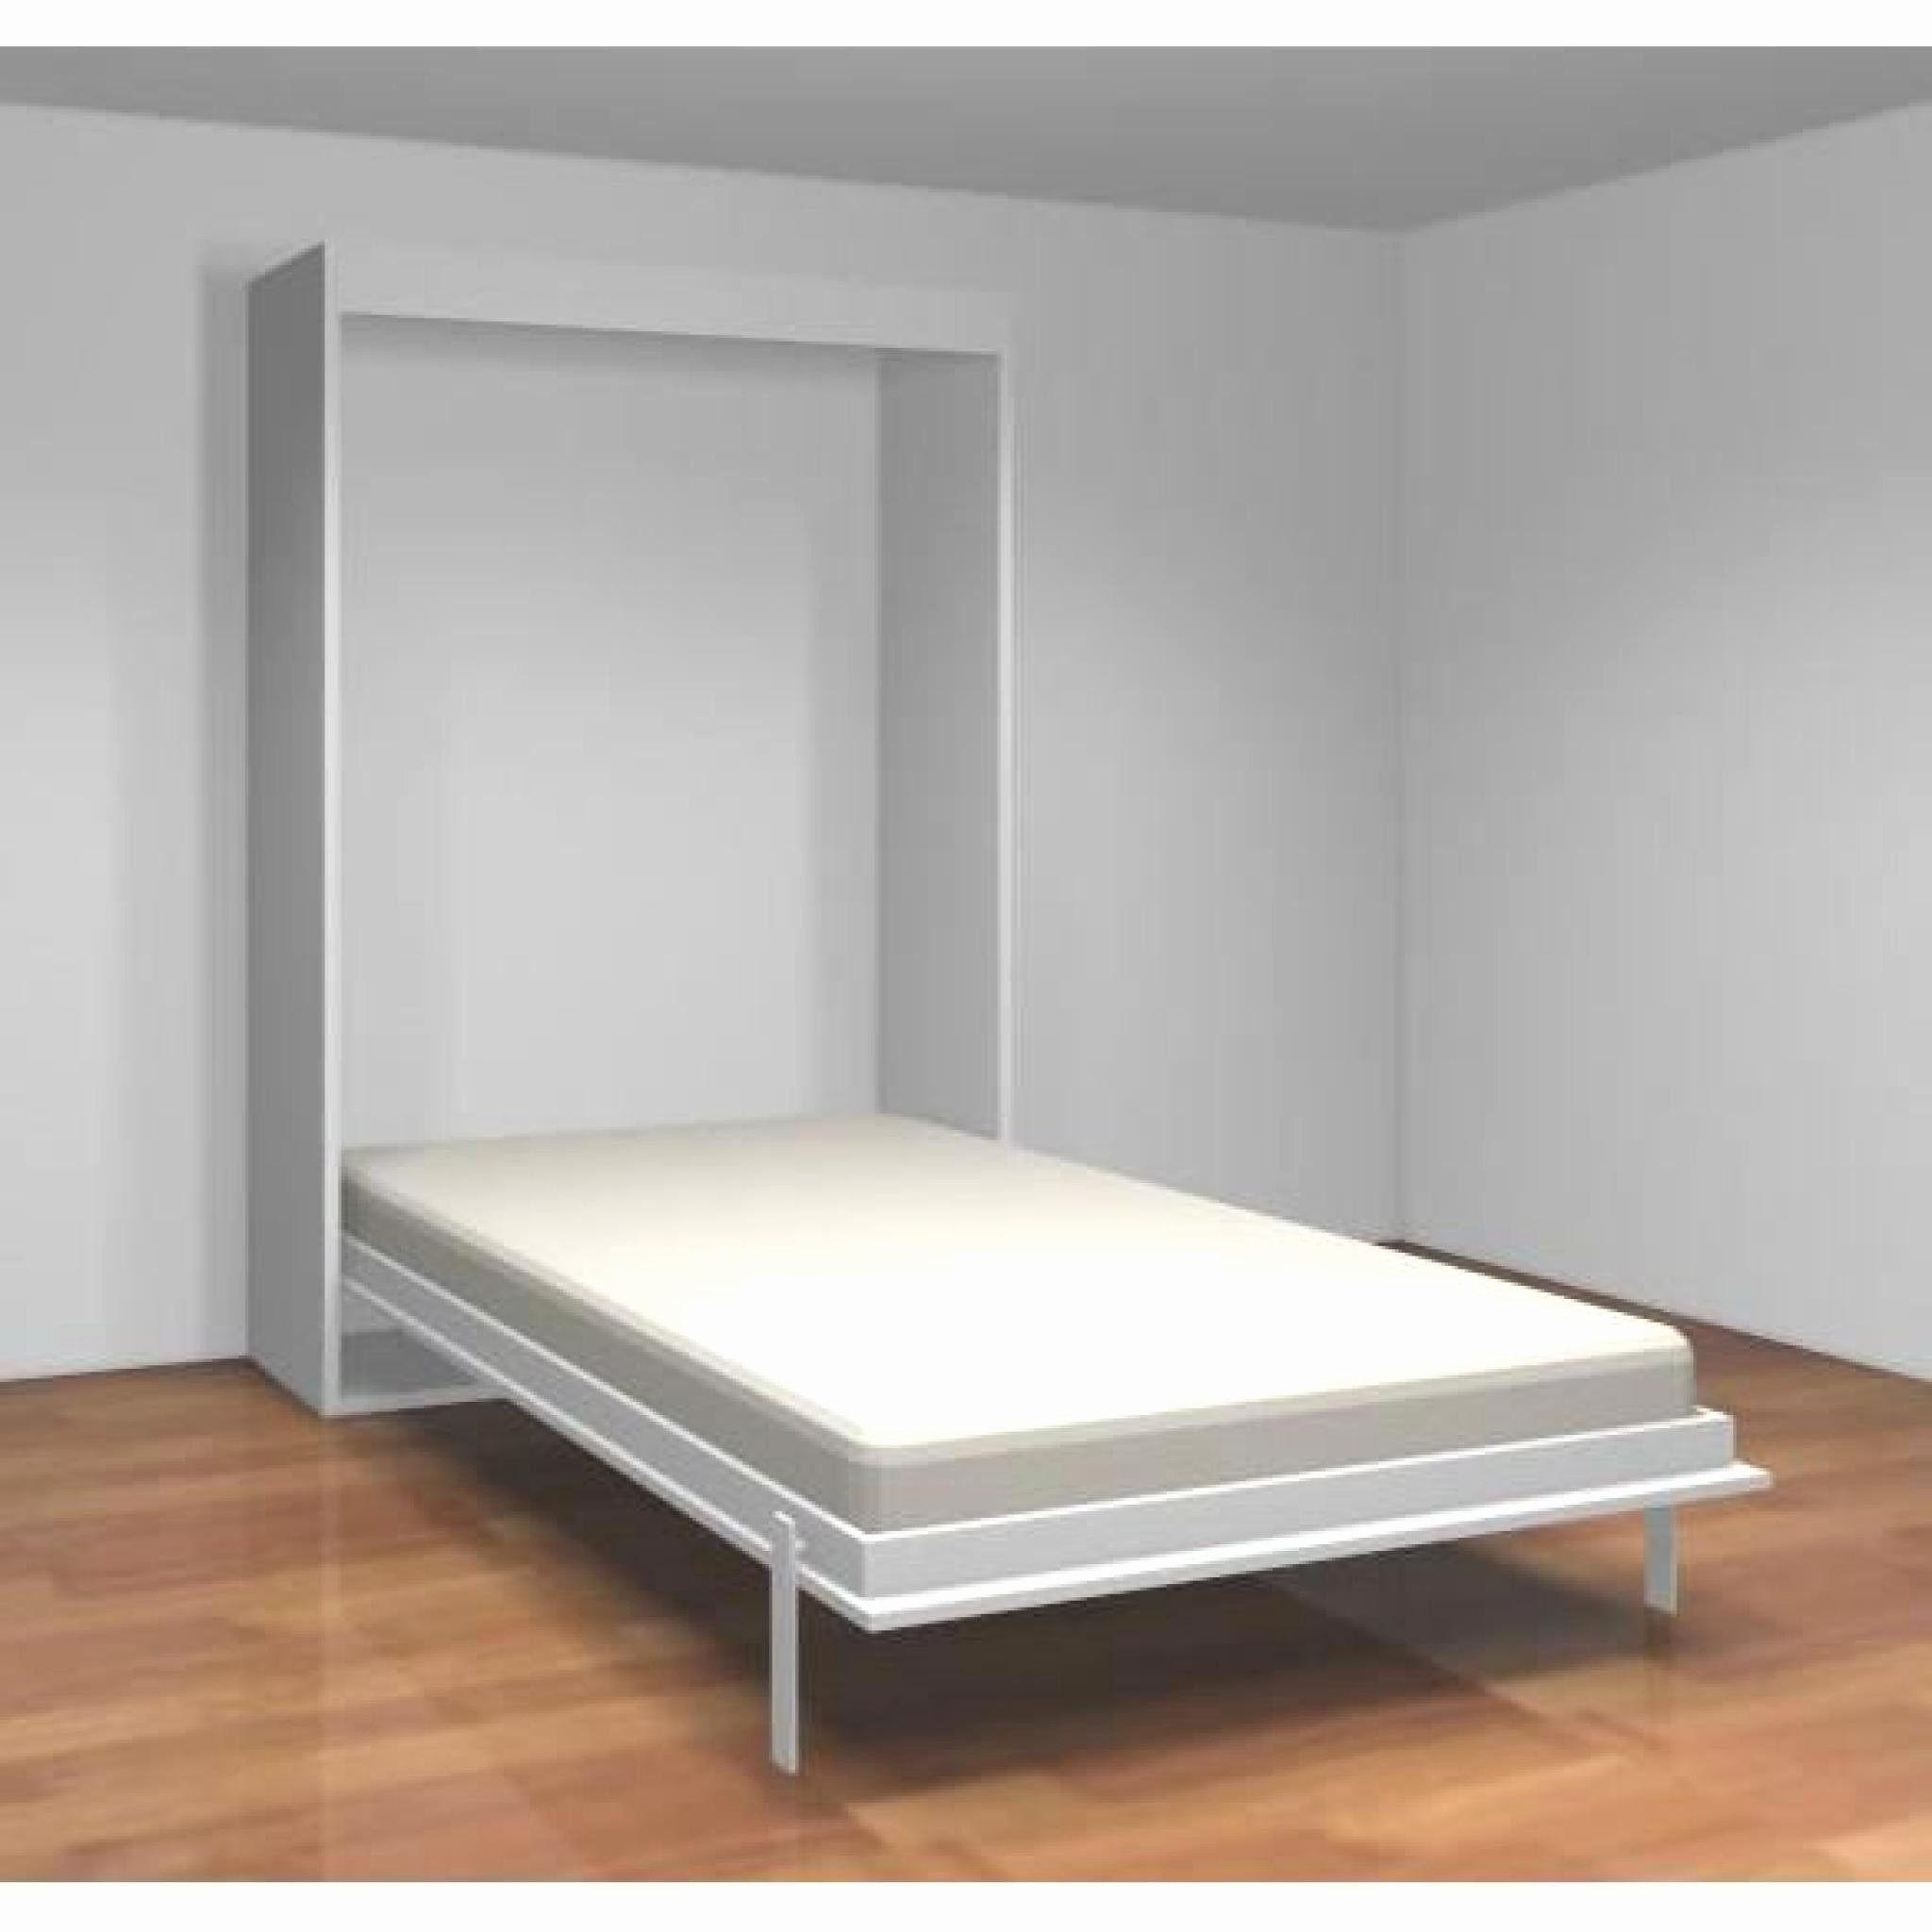 Lit 160×200 Conforama Élégant Lit Armoire 2 Places élégant Lit 2 Places Blanc Conforama Lit 160